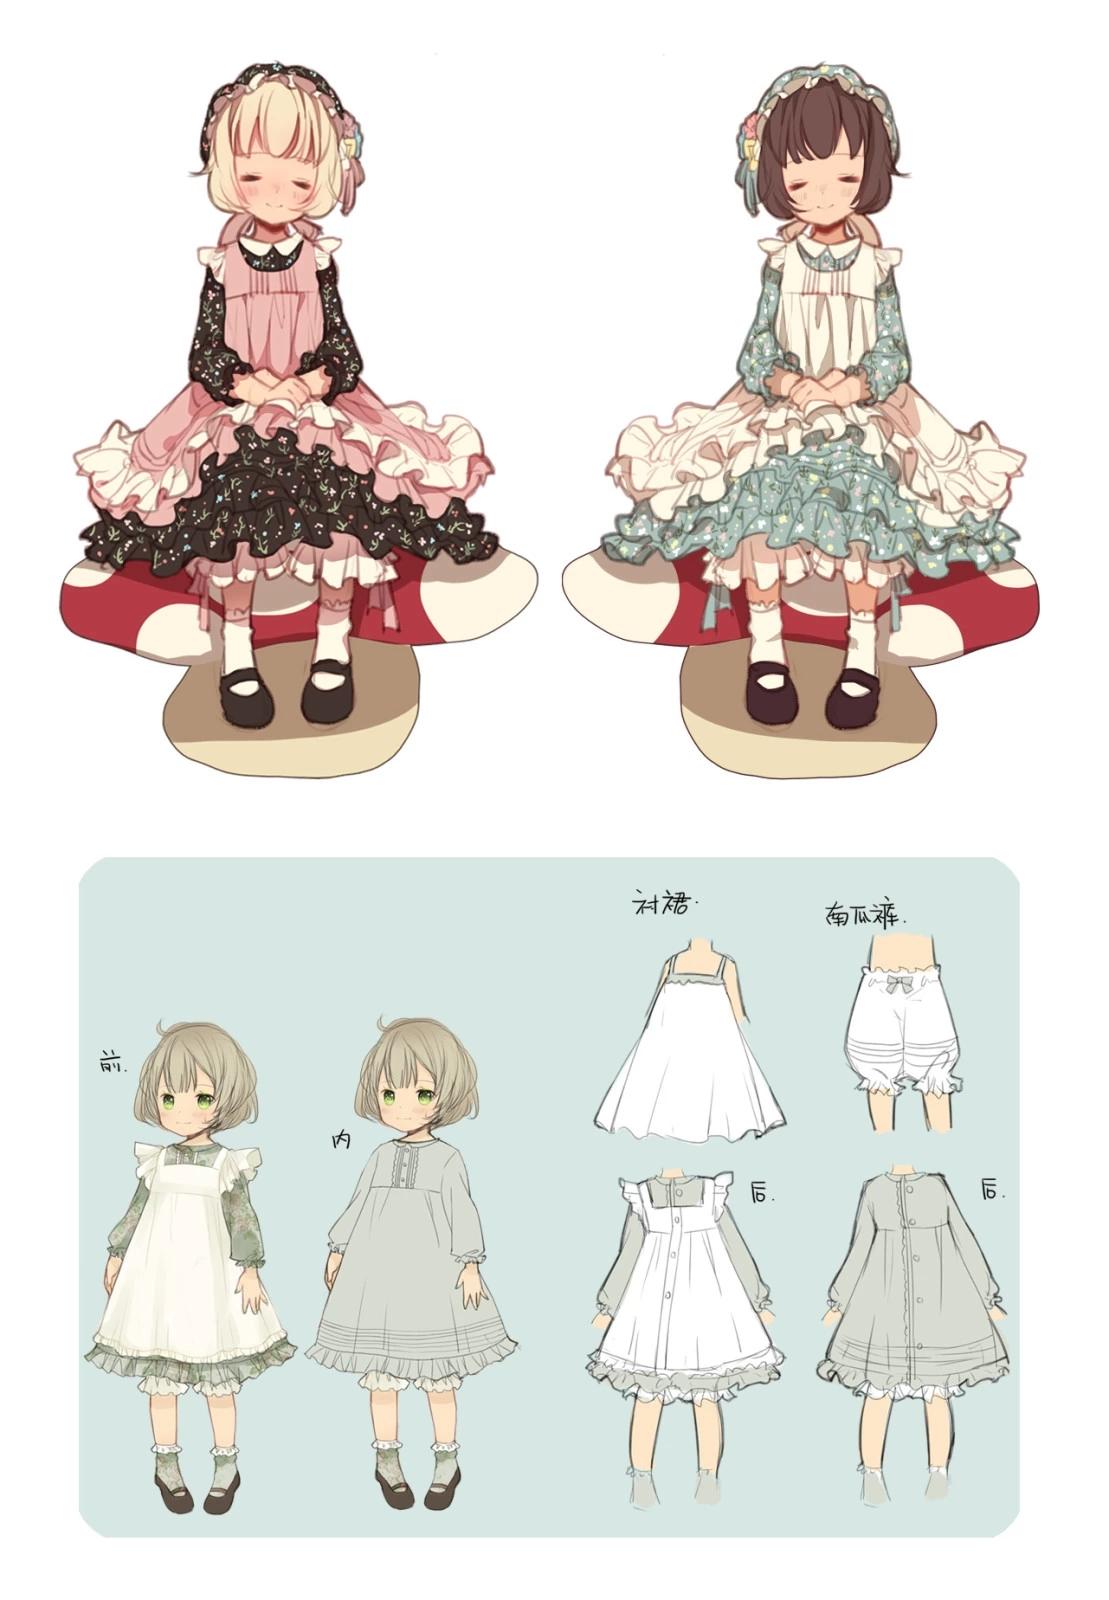 動漫服裝設計圖